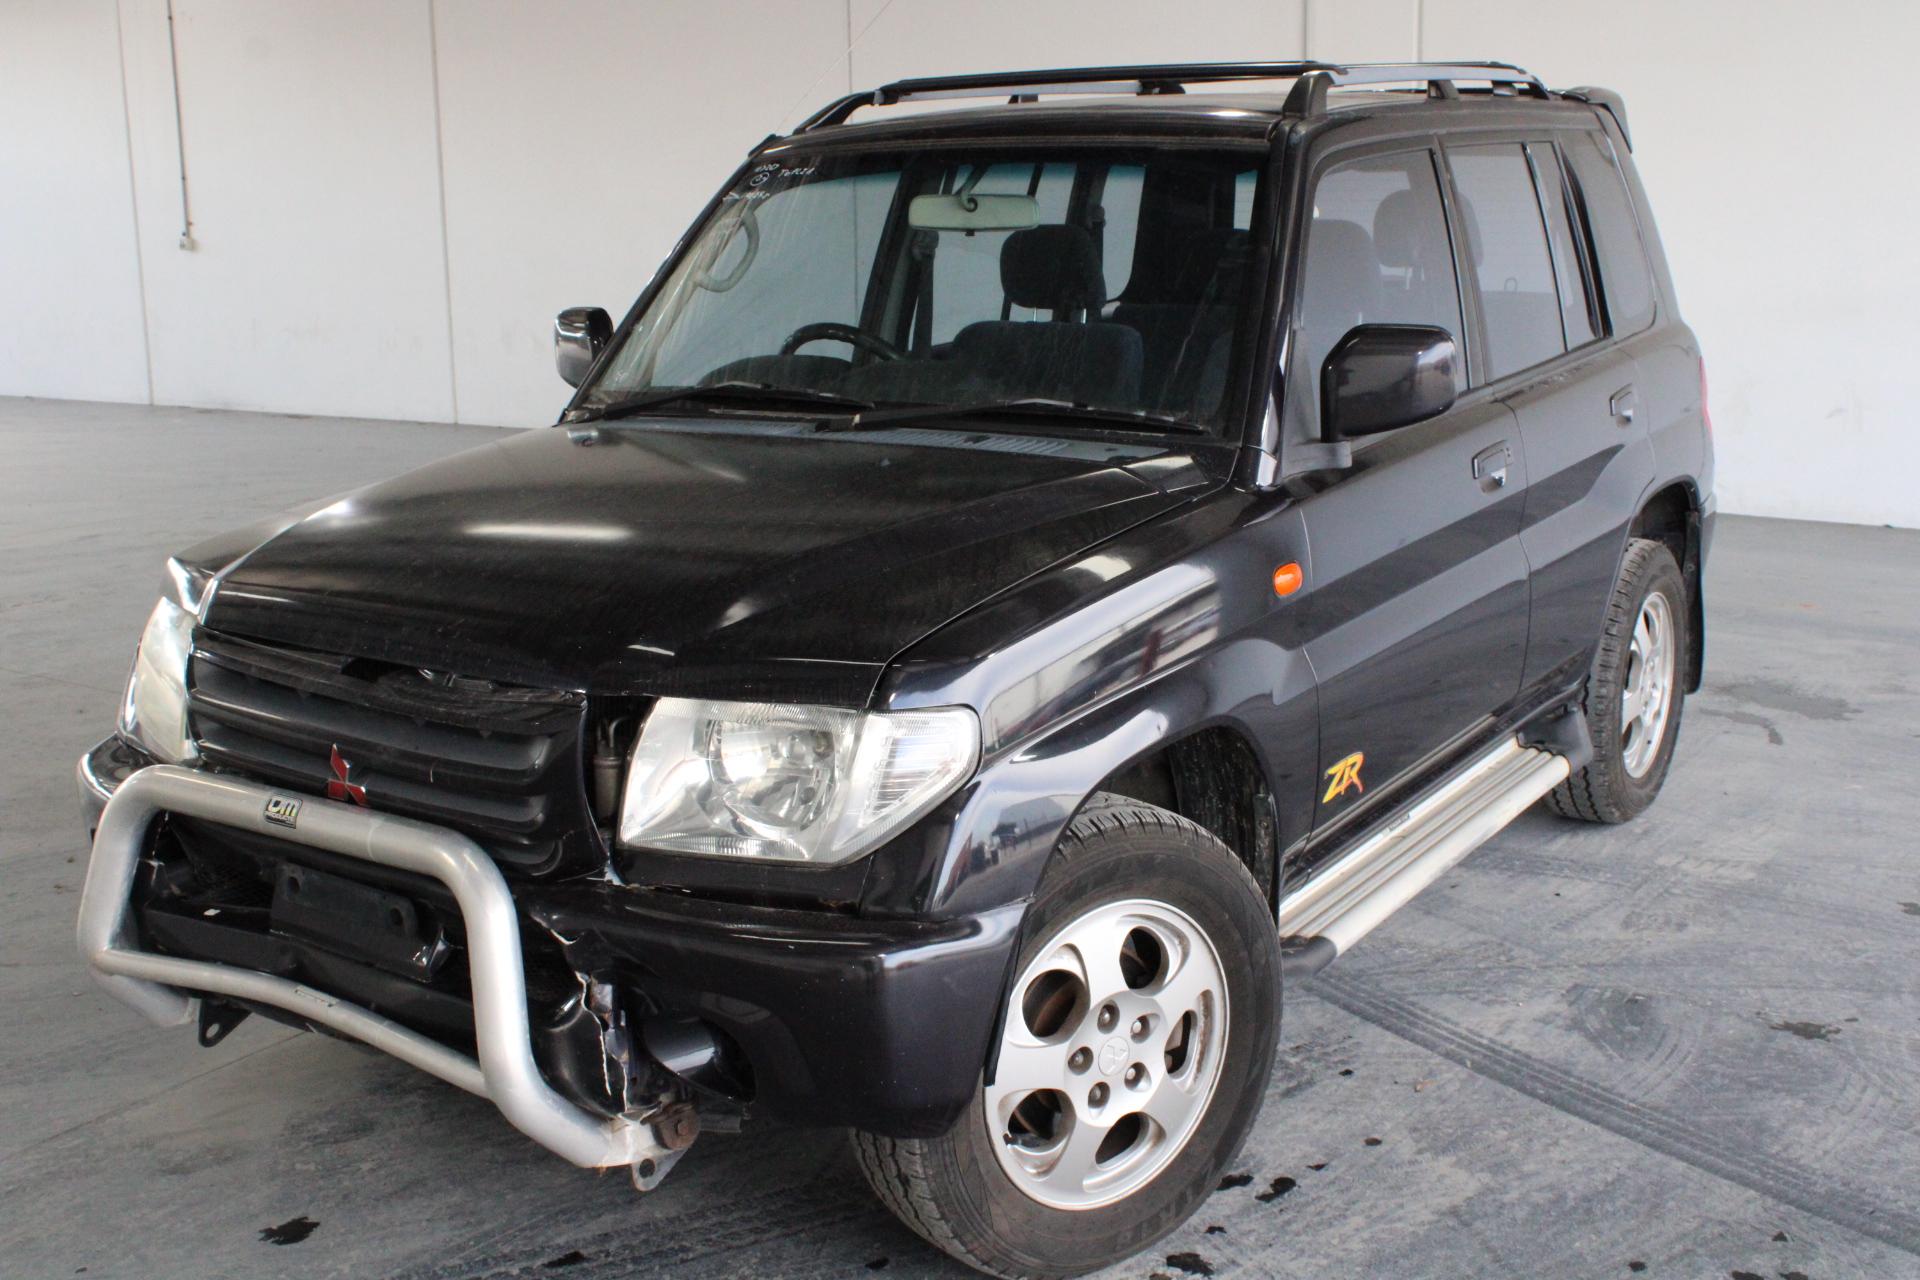 2001 Mitsubishi Pajero iO (4x4) QA Automatic Wagon